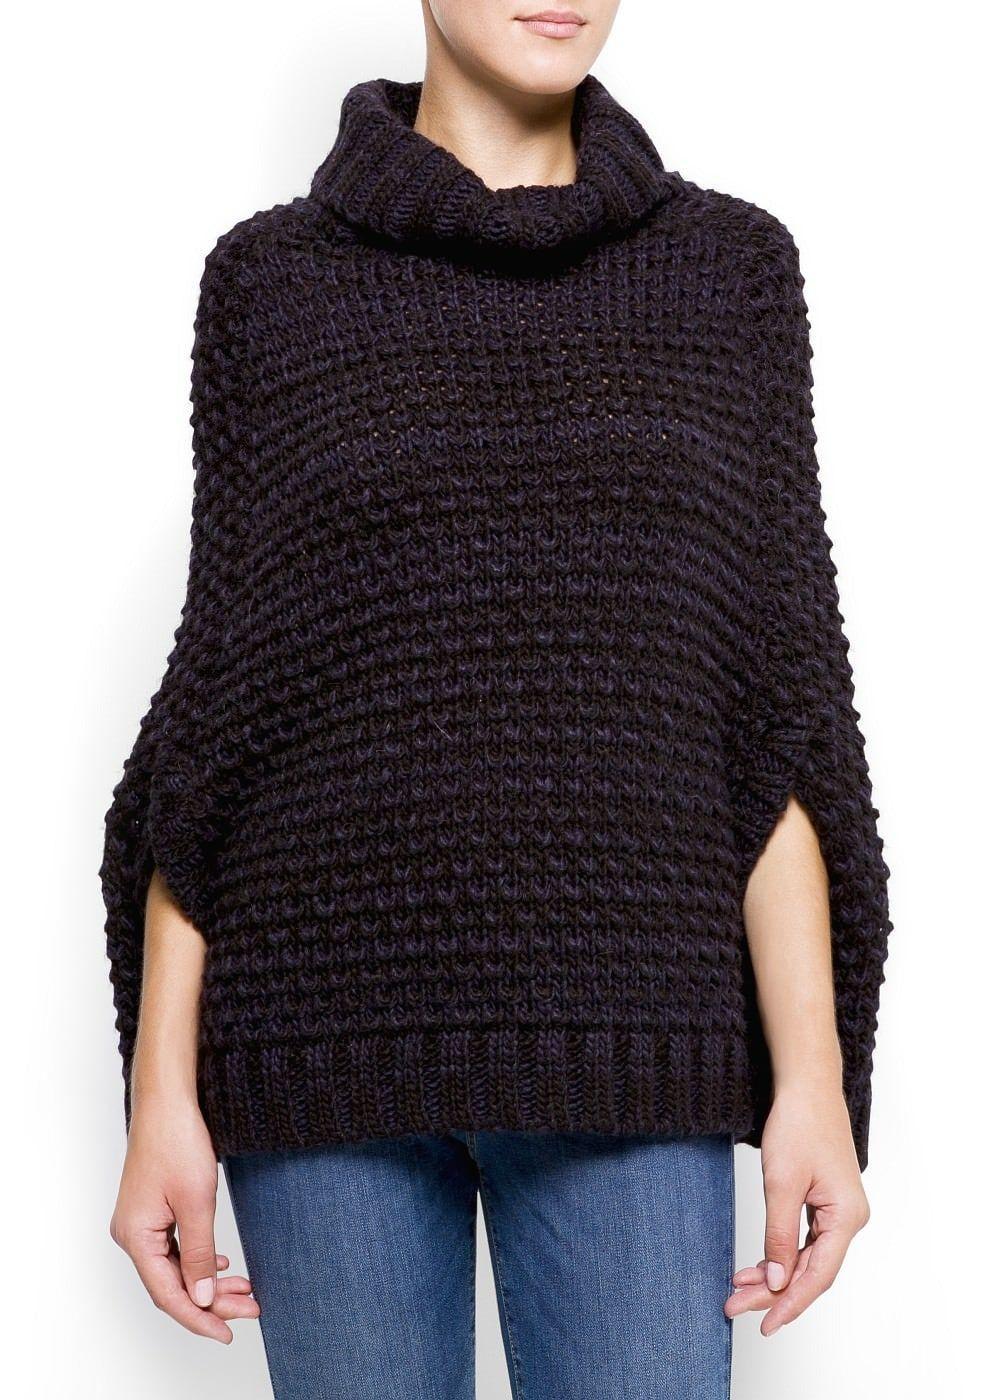 Capa de punto - Mujer | Crochet | Pinterest | Mango, Capilla y Ponchos